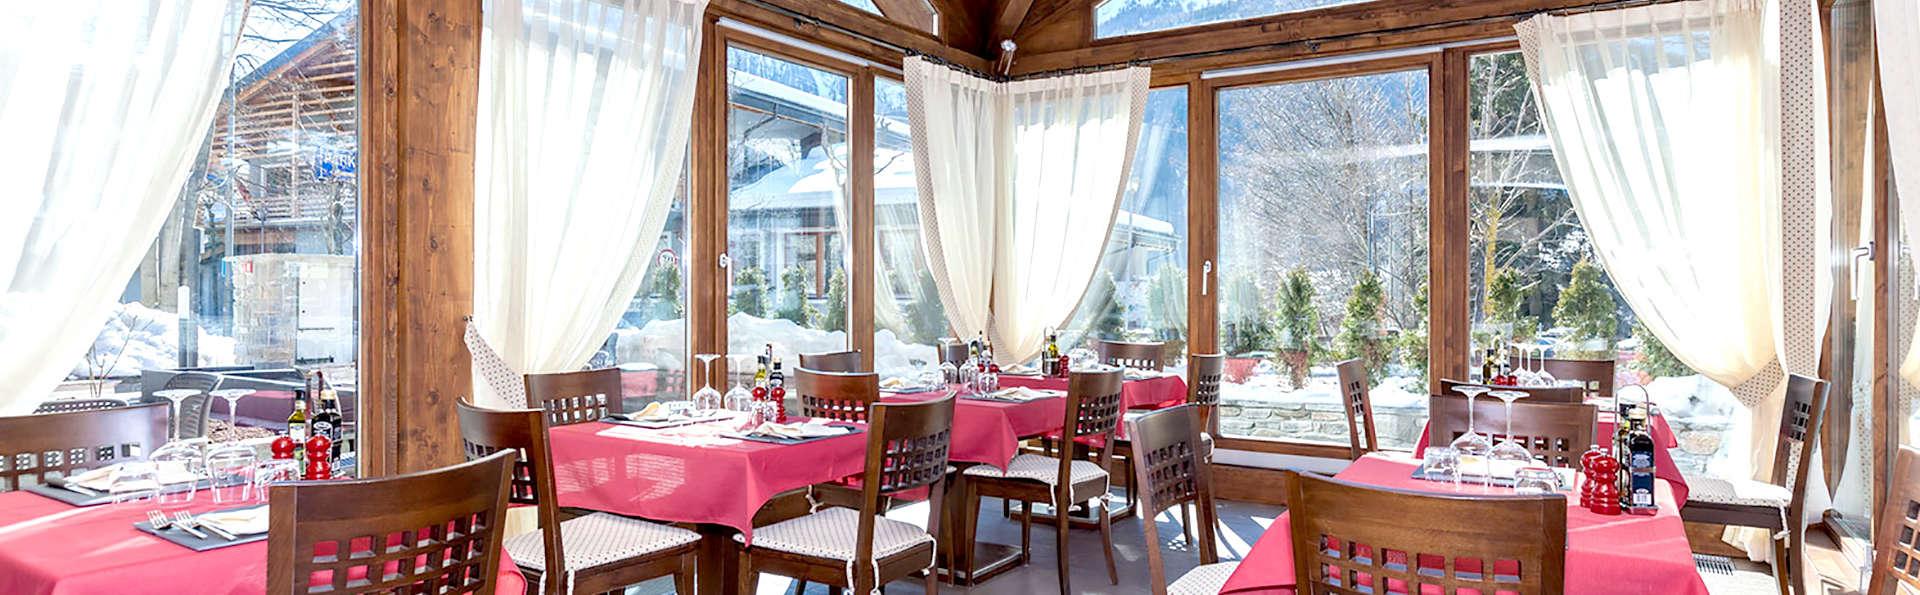 Séjour dans le romantique Val d'Aoste avec spa et demi-pension